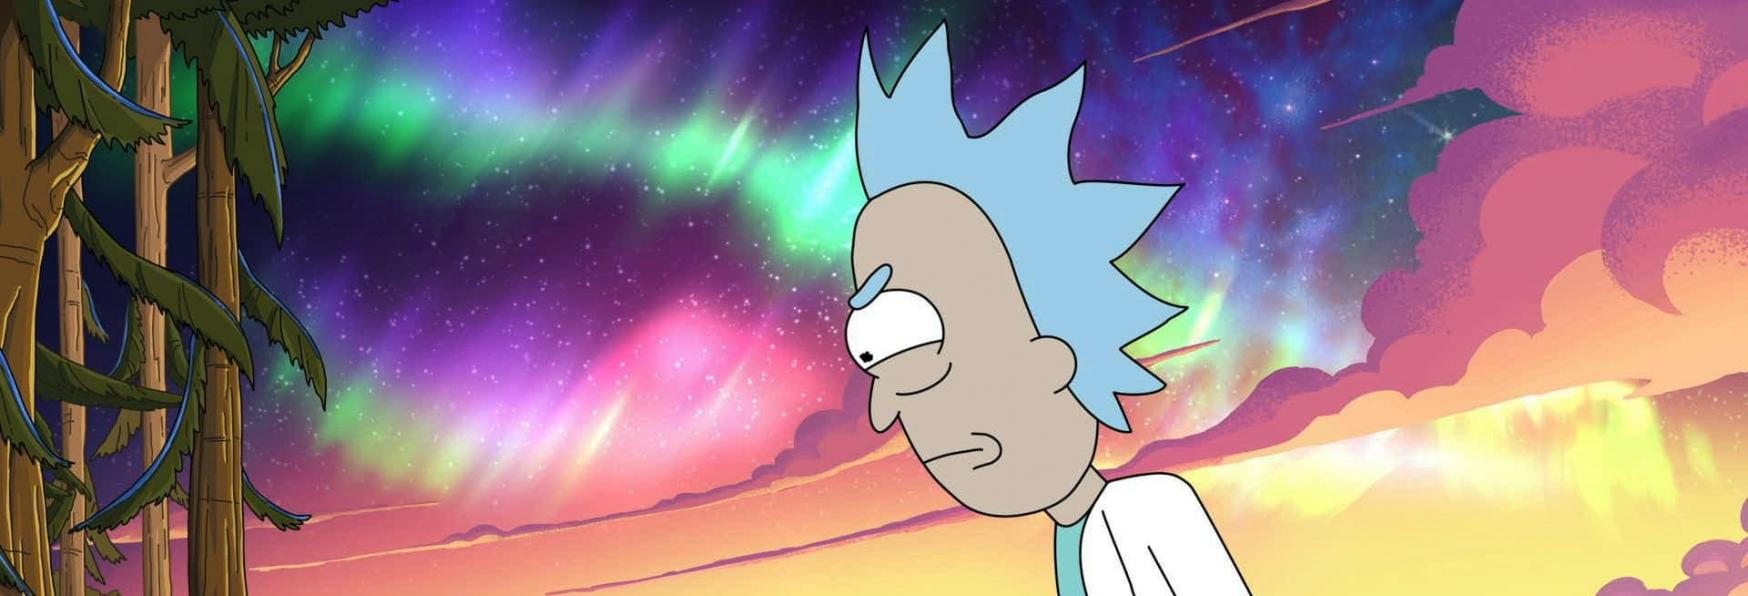 Rick and Morty 5: Svelati gli Assurdi Titoli degli Episodi della nuova Stagione